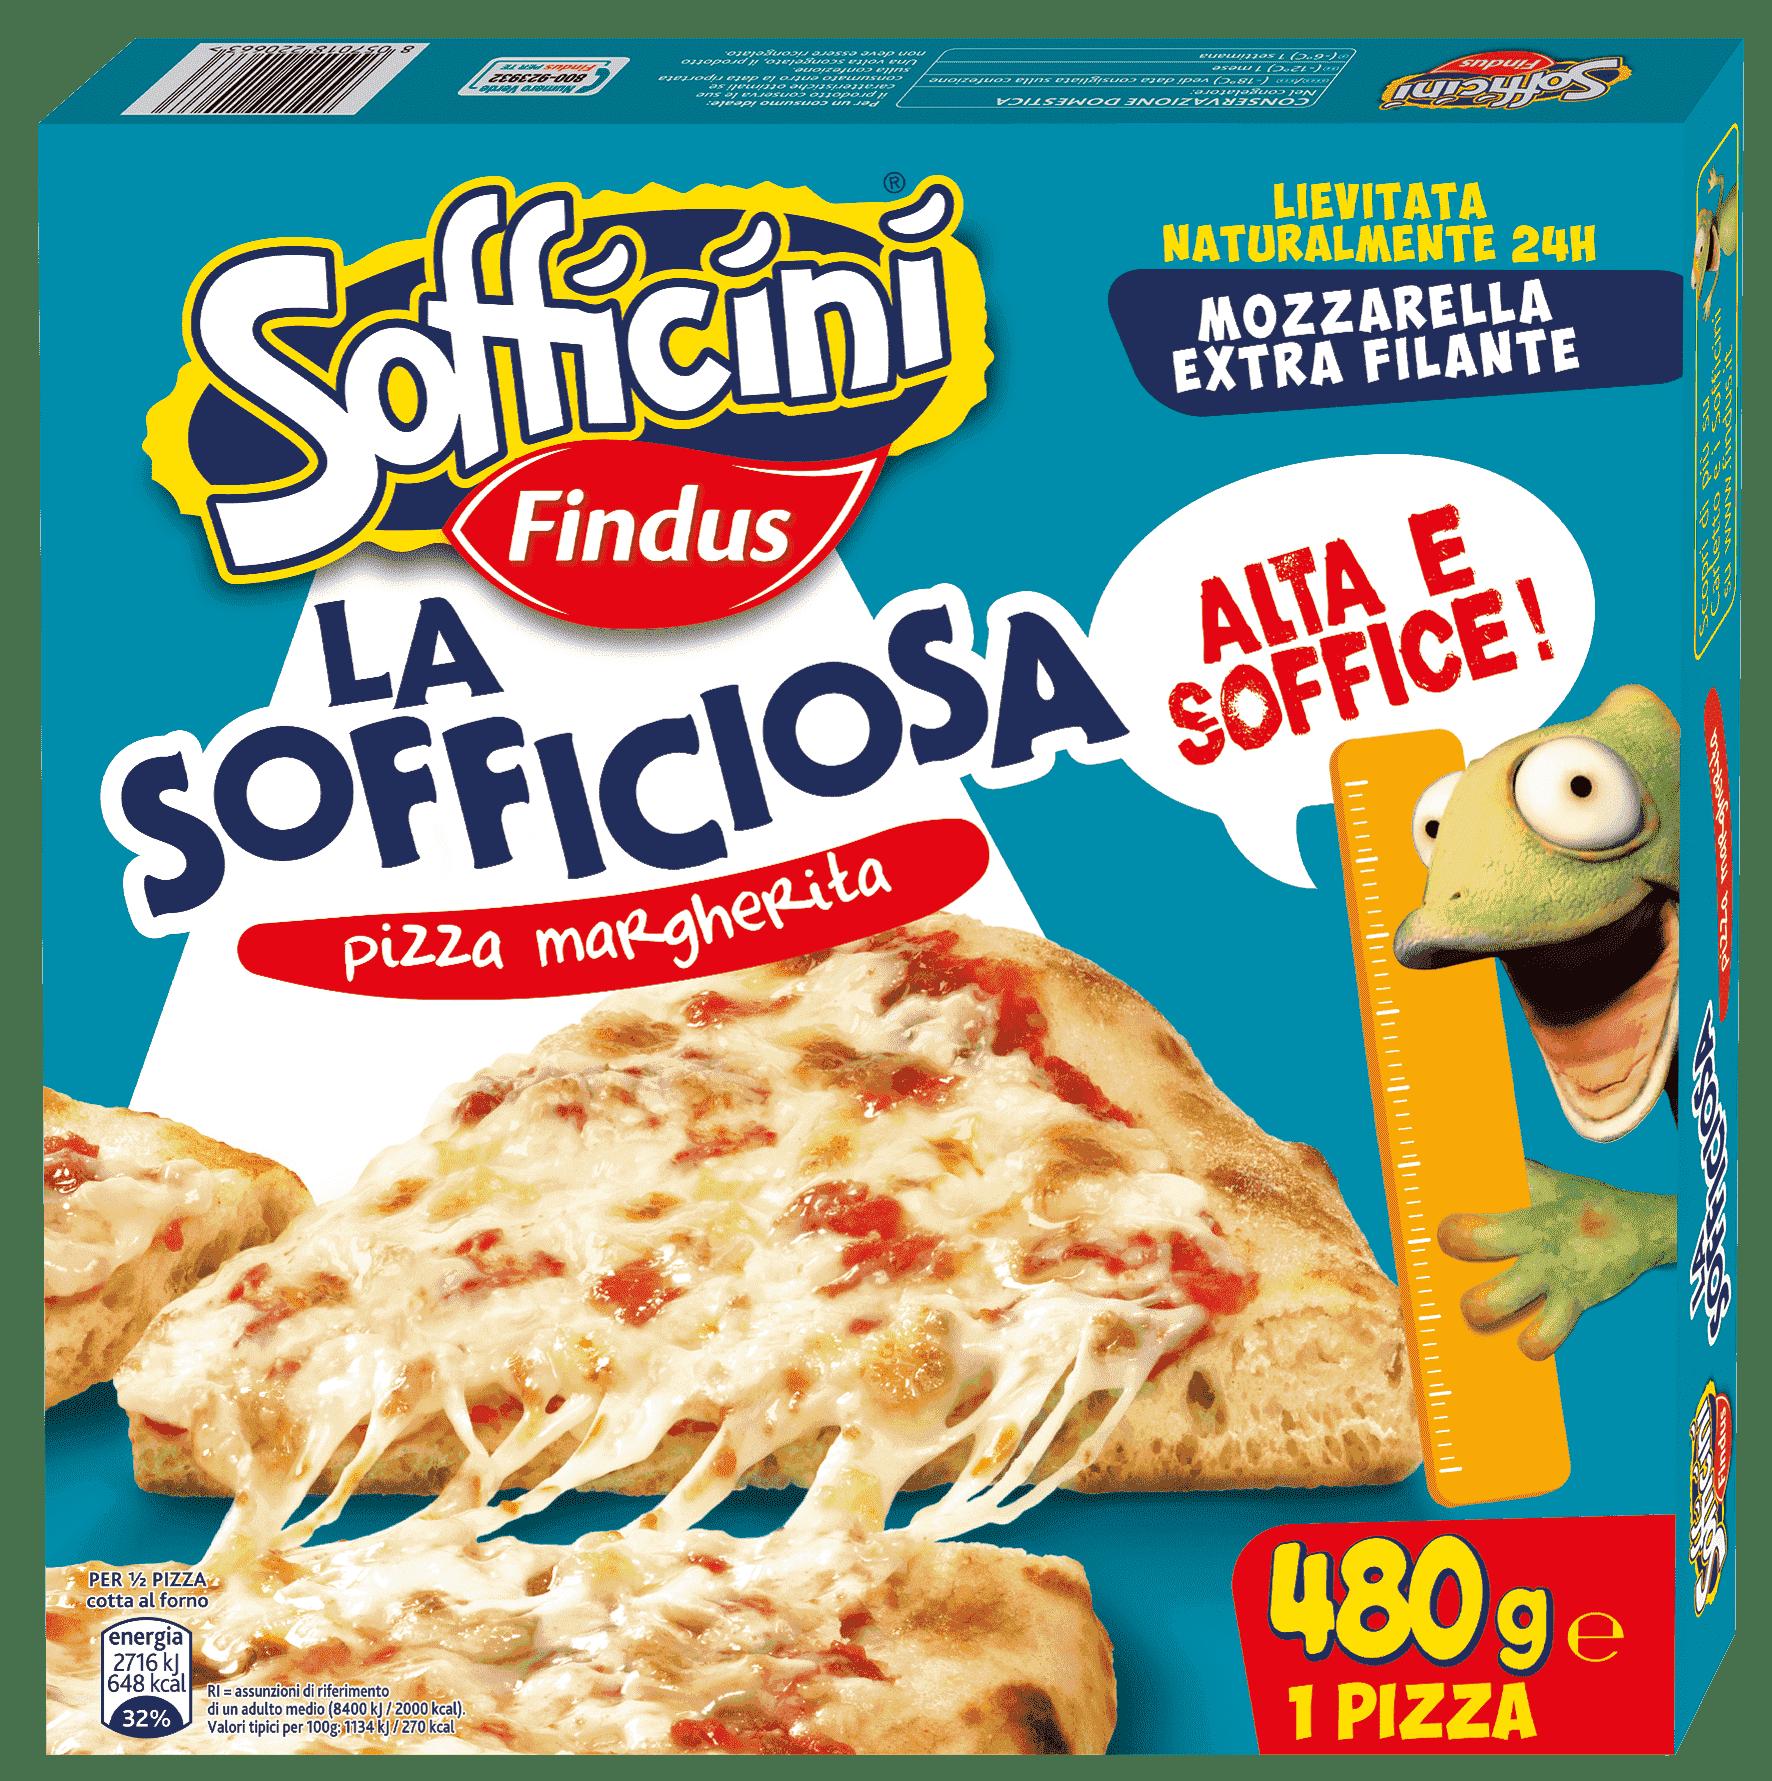 pizza margherita la sofficiosa - Findus